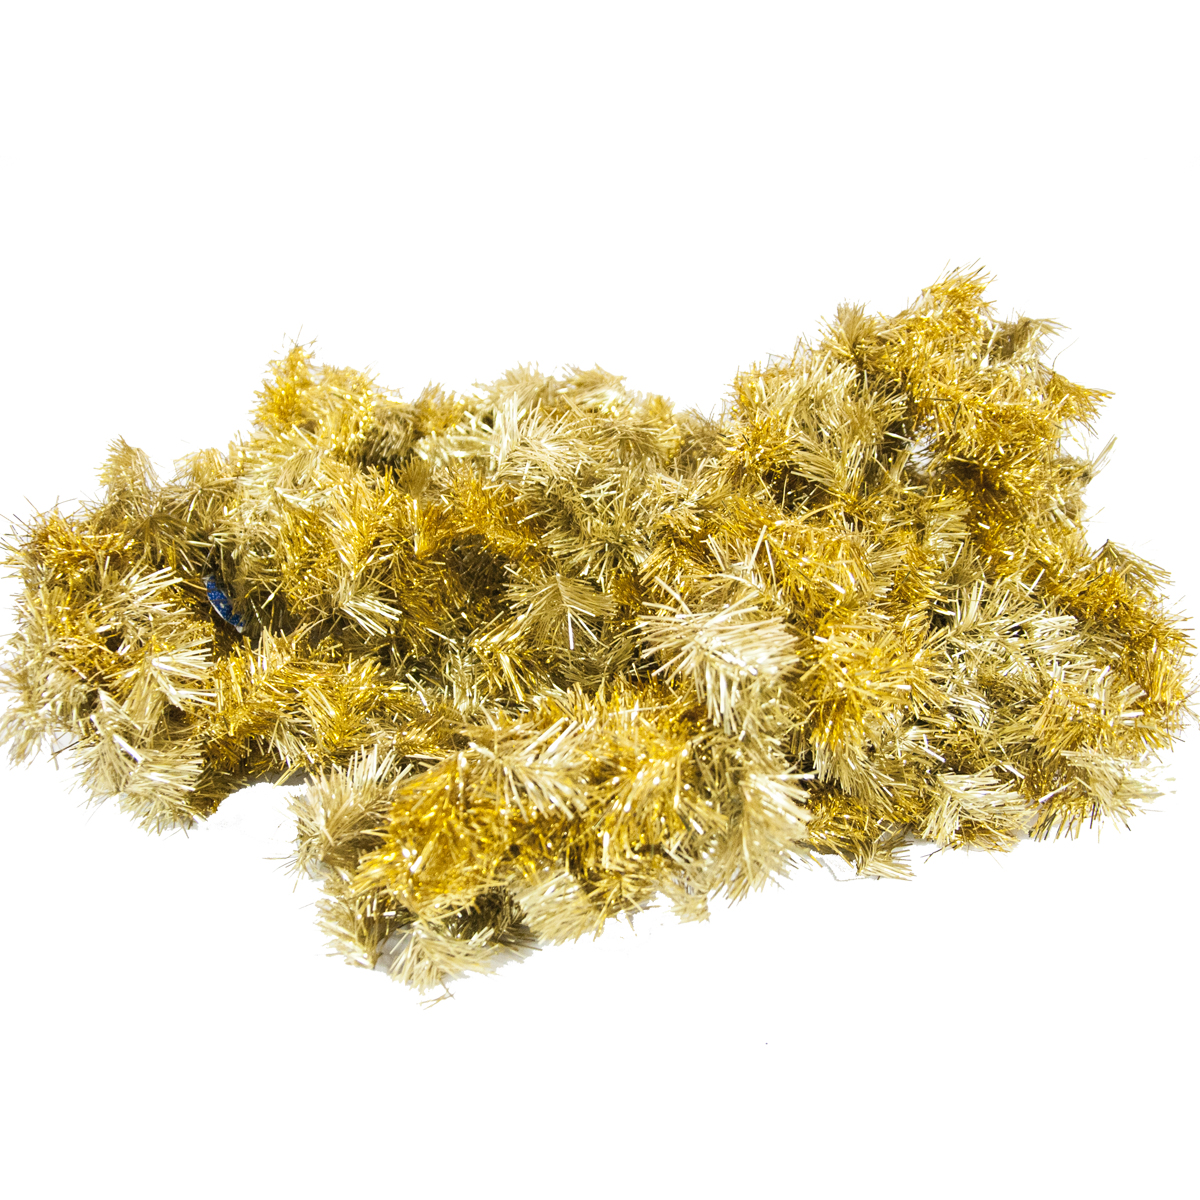 Мишура новогодняя Moranduzzo, цвет: золотистый, диаметр 20 см, длина 275 см полотенце детское mona liza mona liza полотенце 70х140 sl summer surf